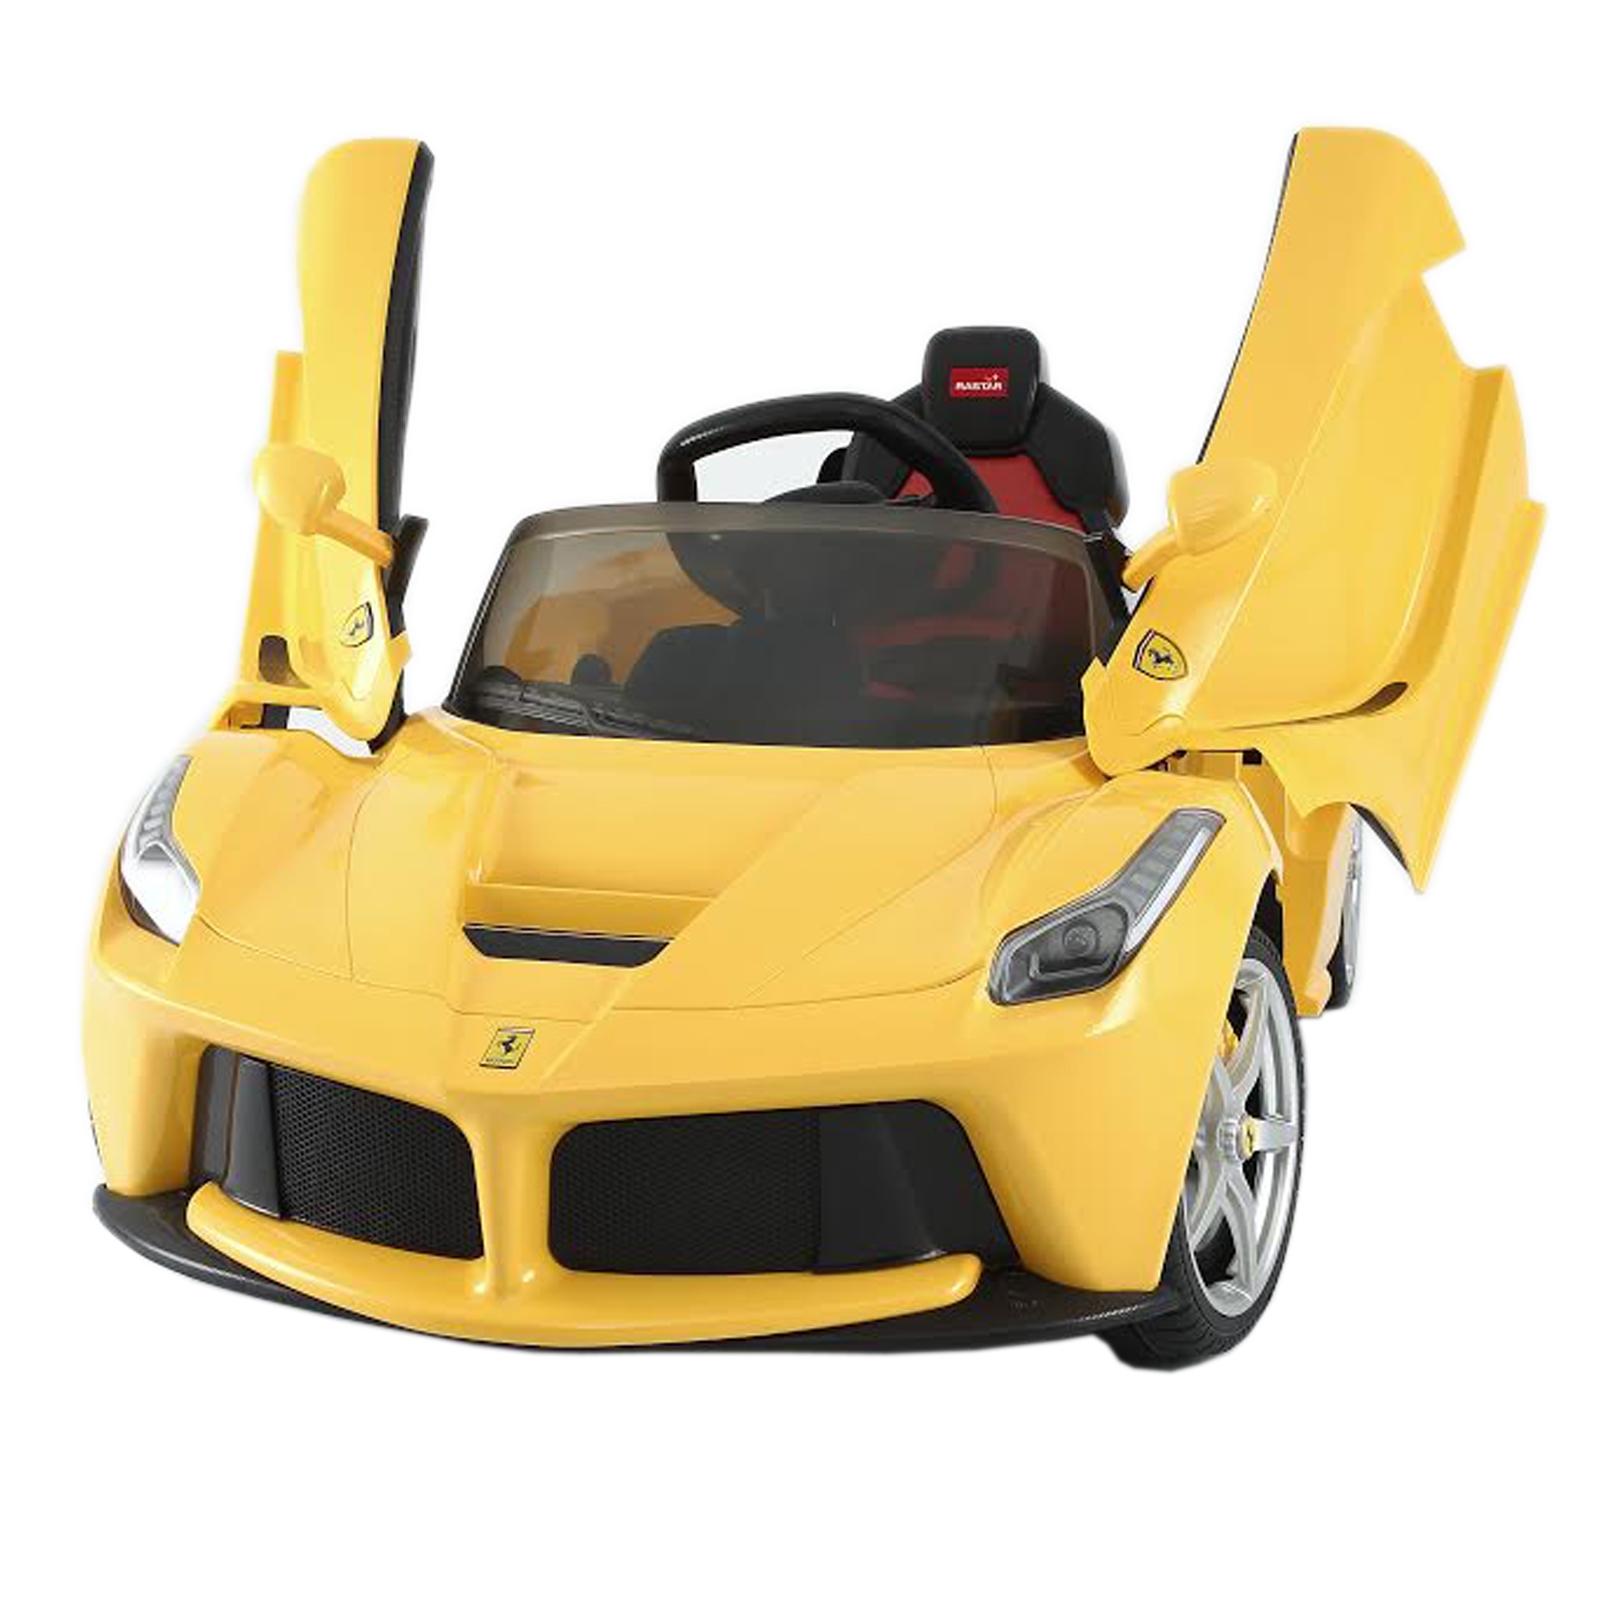 Ferrari LA 12V Kids Battery Powered Ride On Car in Yellow Butterfly Doors